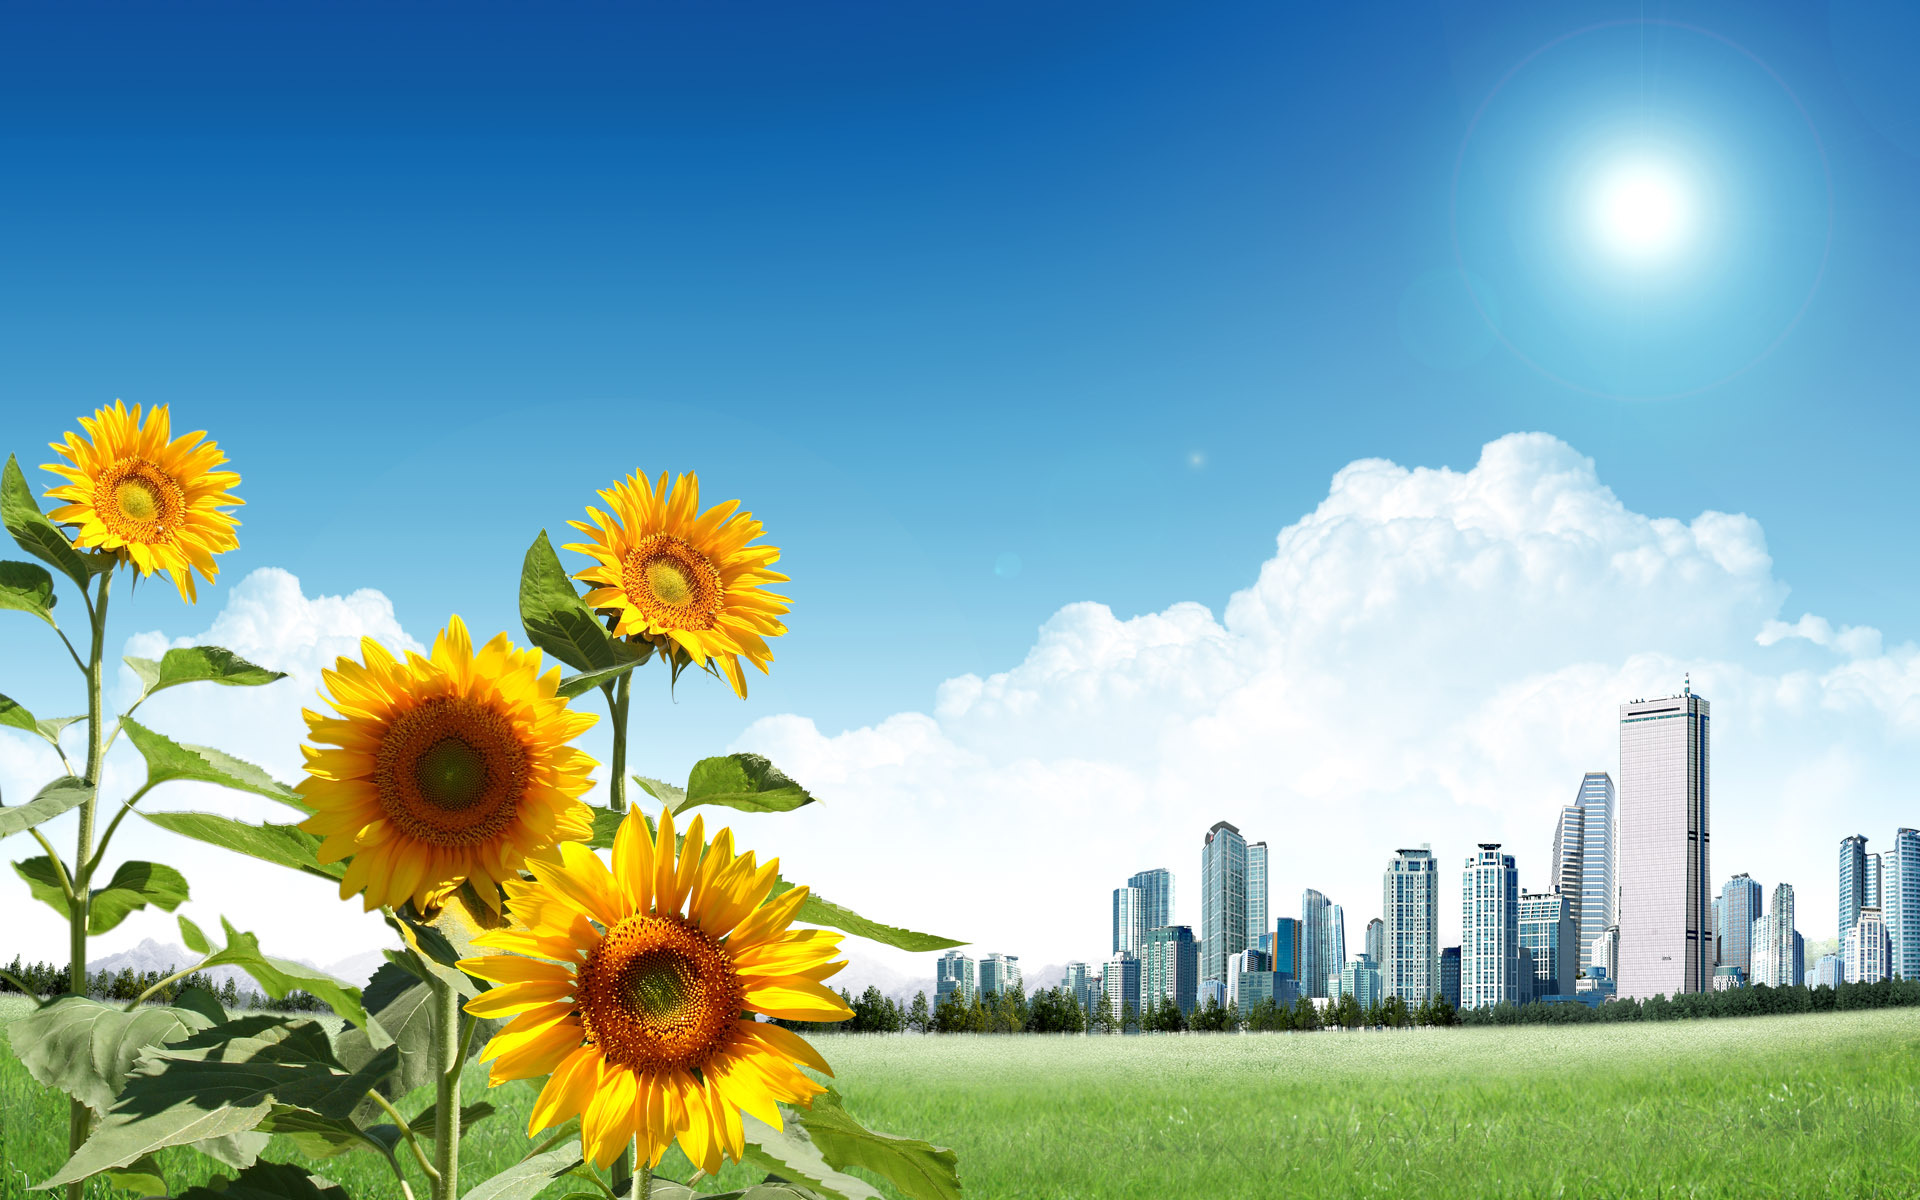 10819 免費下載壁紙 植物, 花卉, 向日葵 屏保和圖片